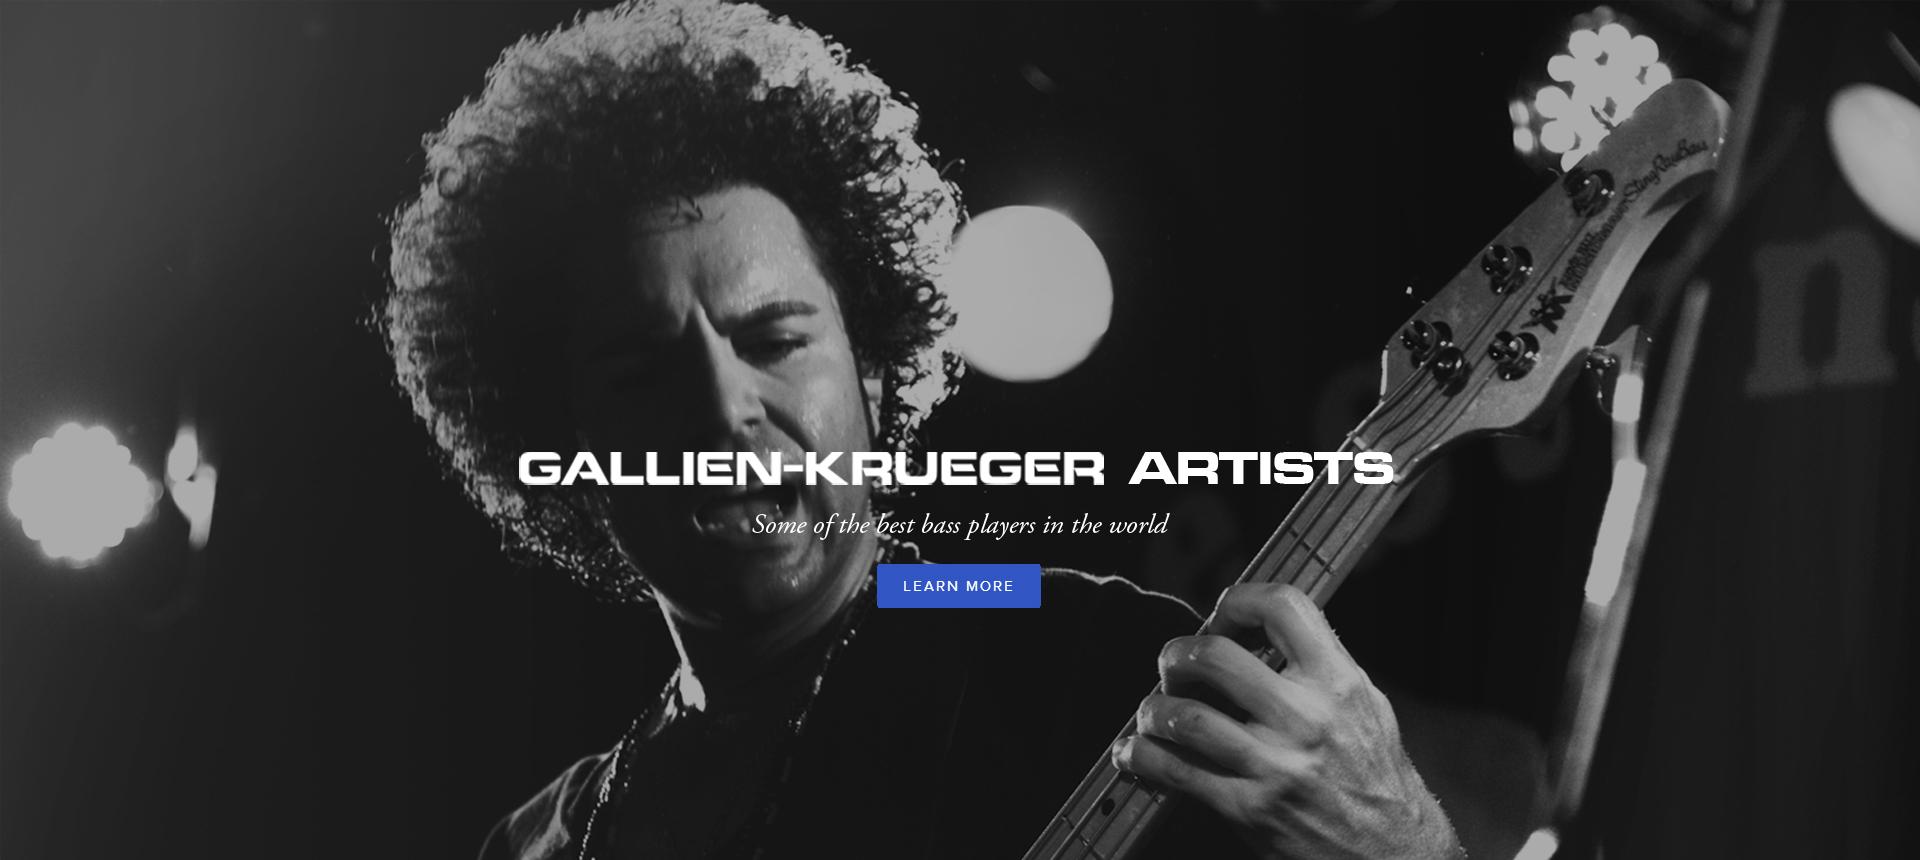 GK-artists-slide.JPG